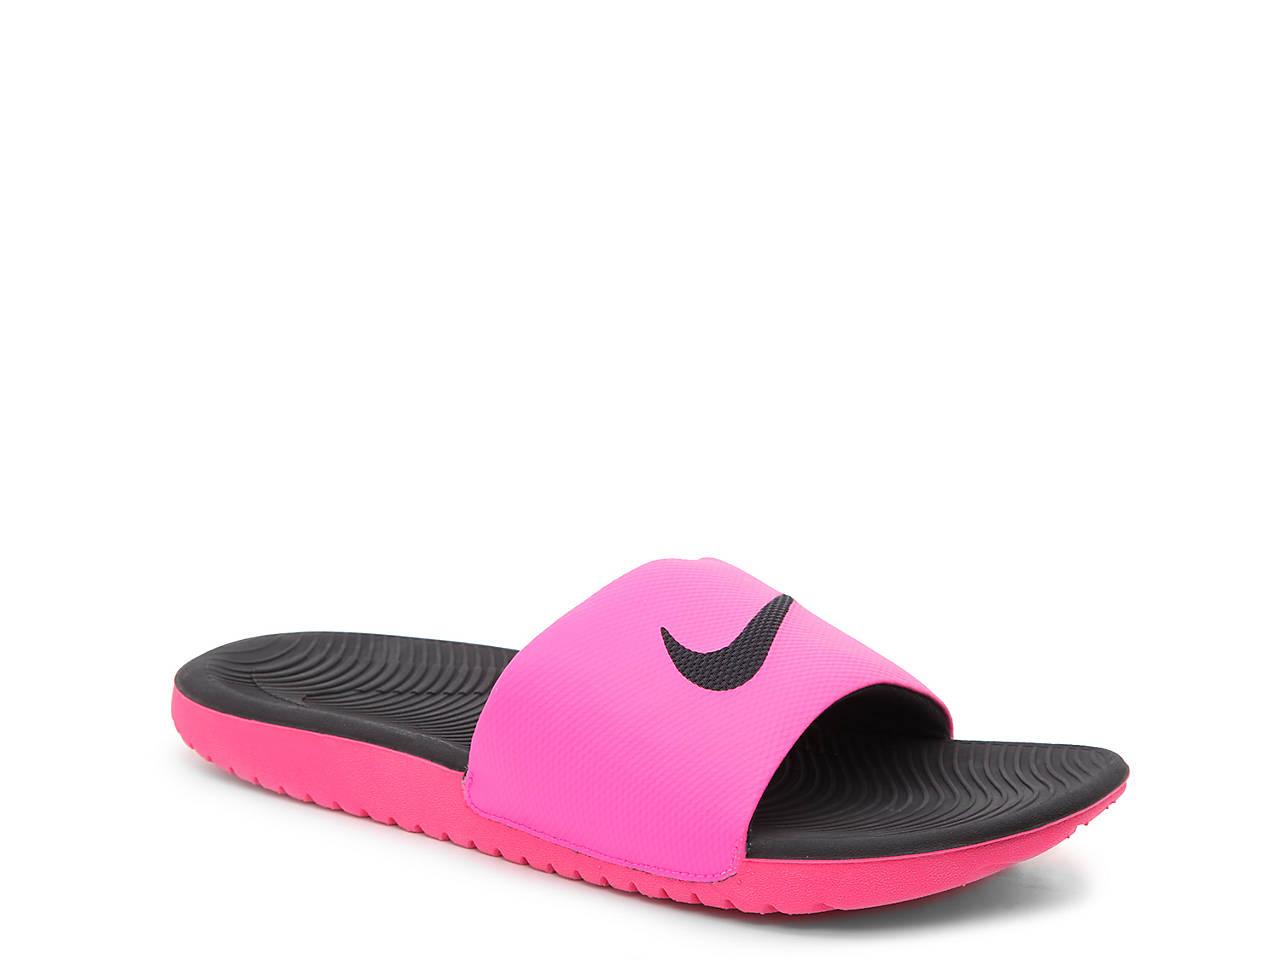 26879e741b663a Nike Kawa Slide Sandal - Women s Women s Shoes